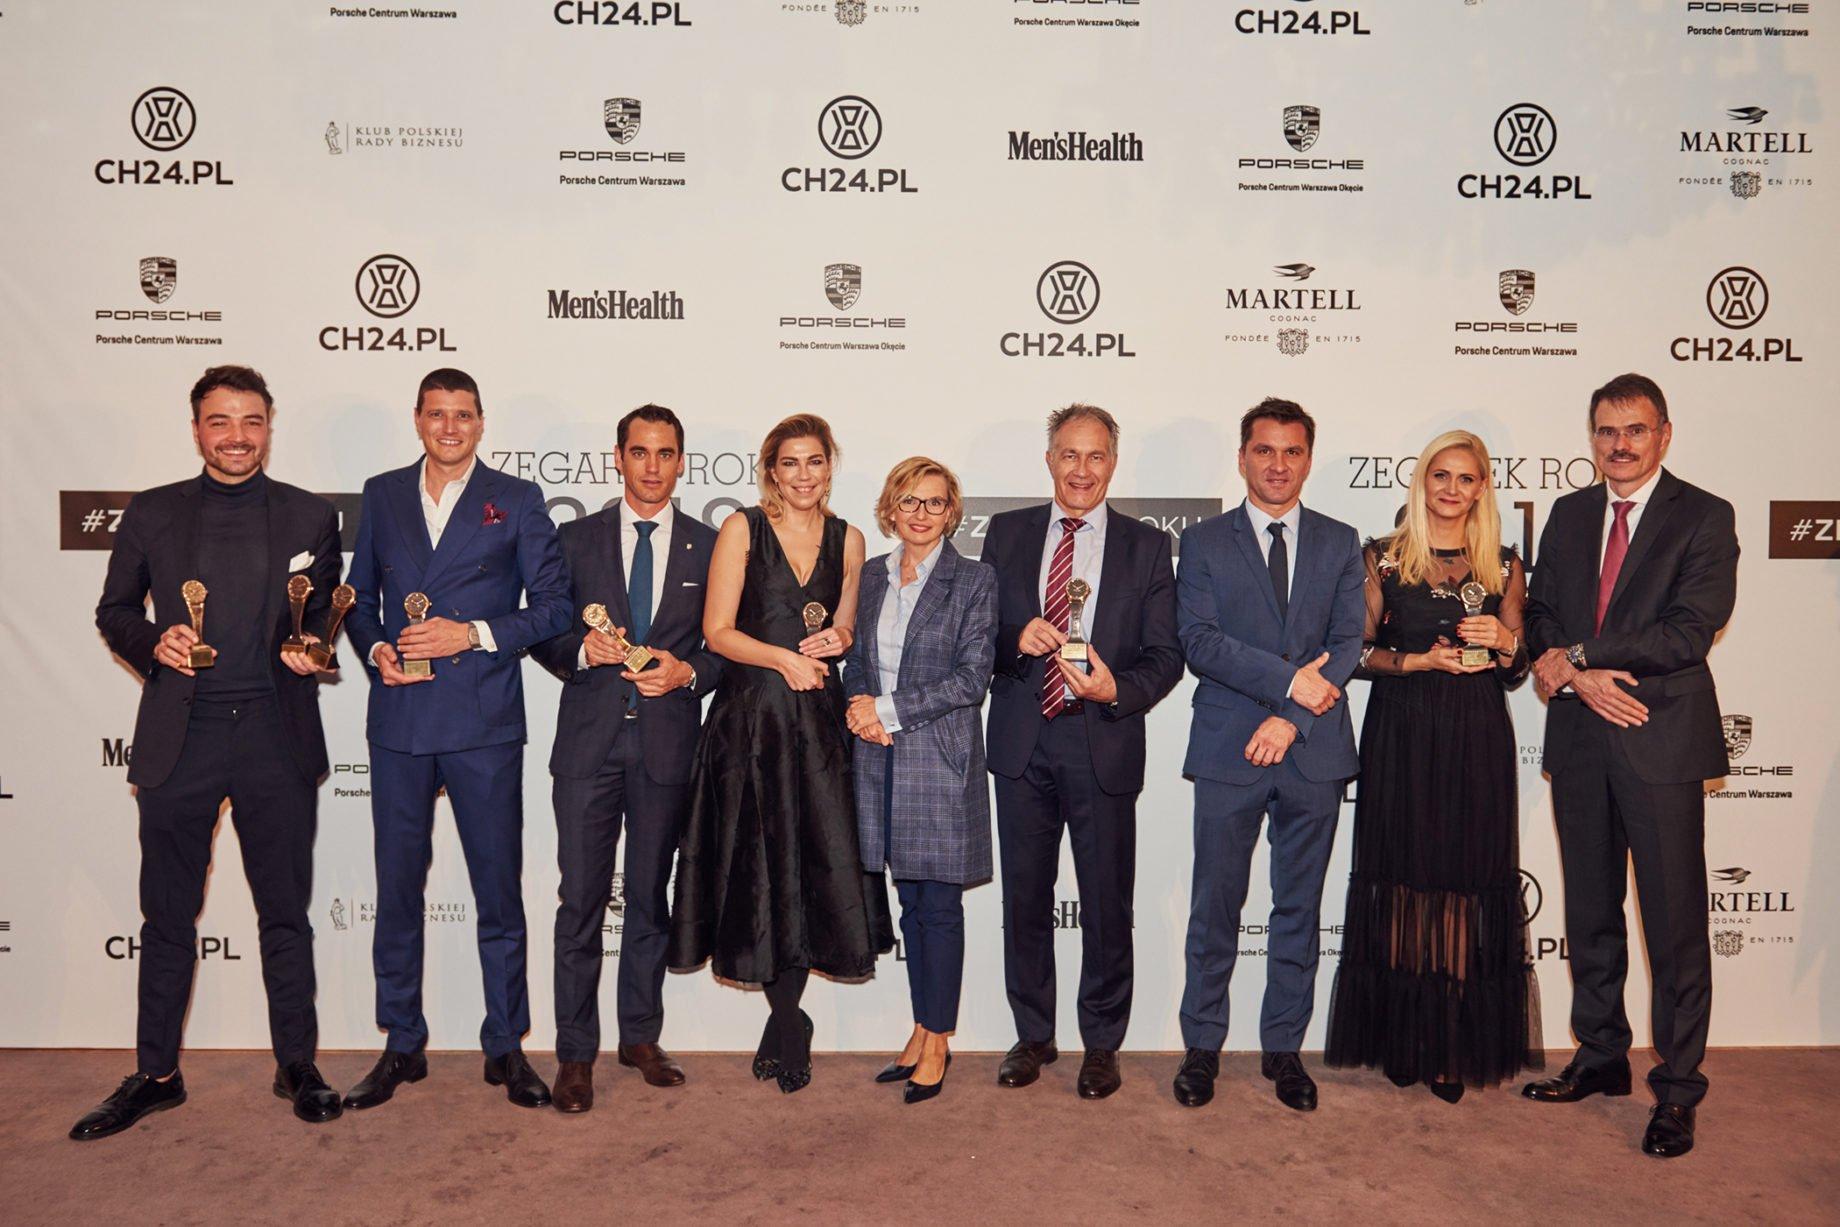 Zegarek Roku 2018 – zwycięzcy 9. edycji